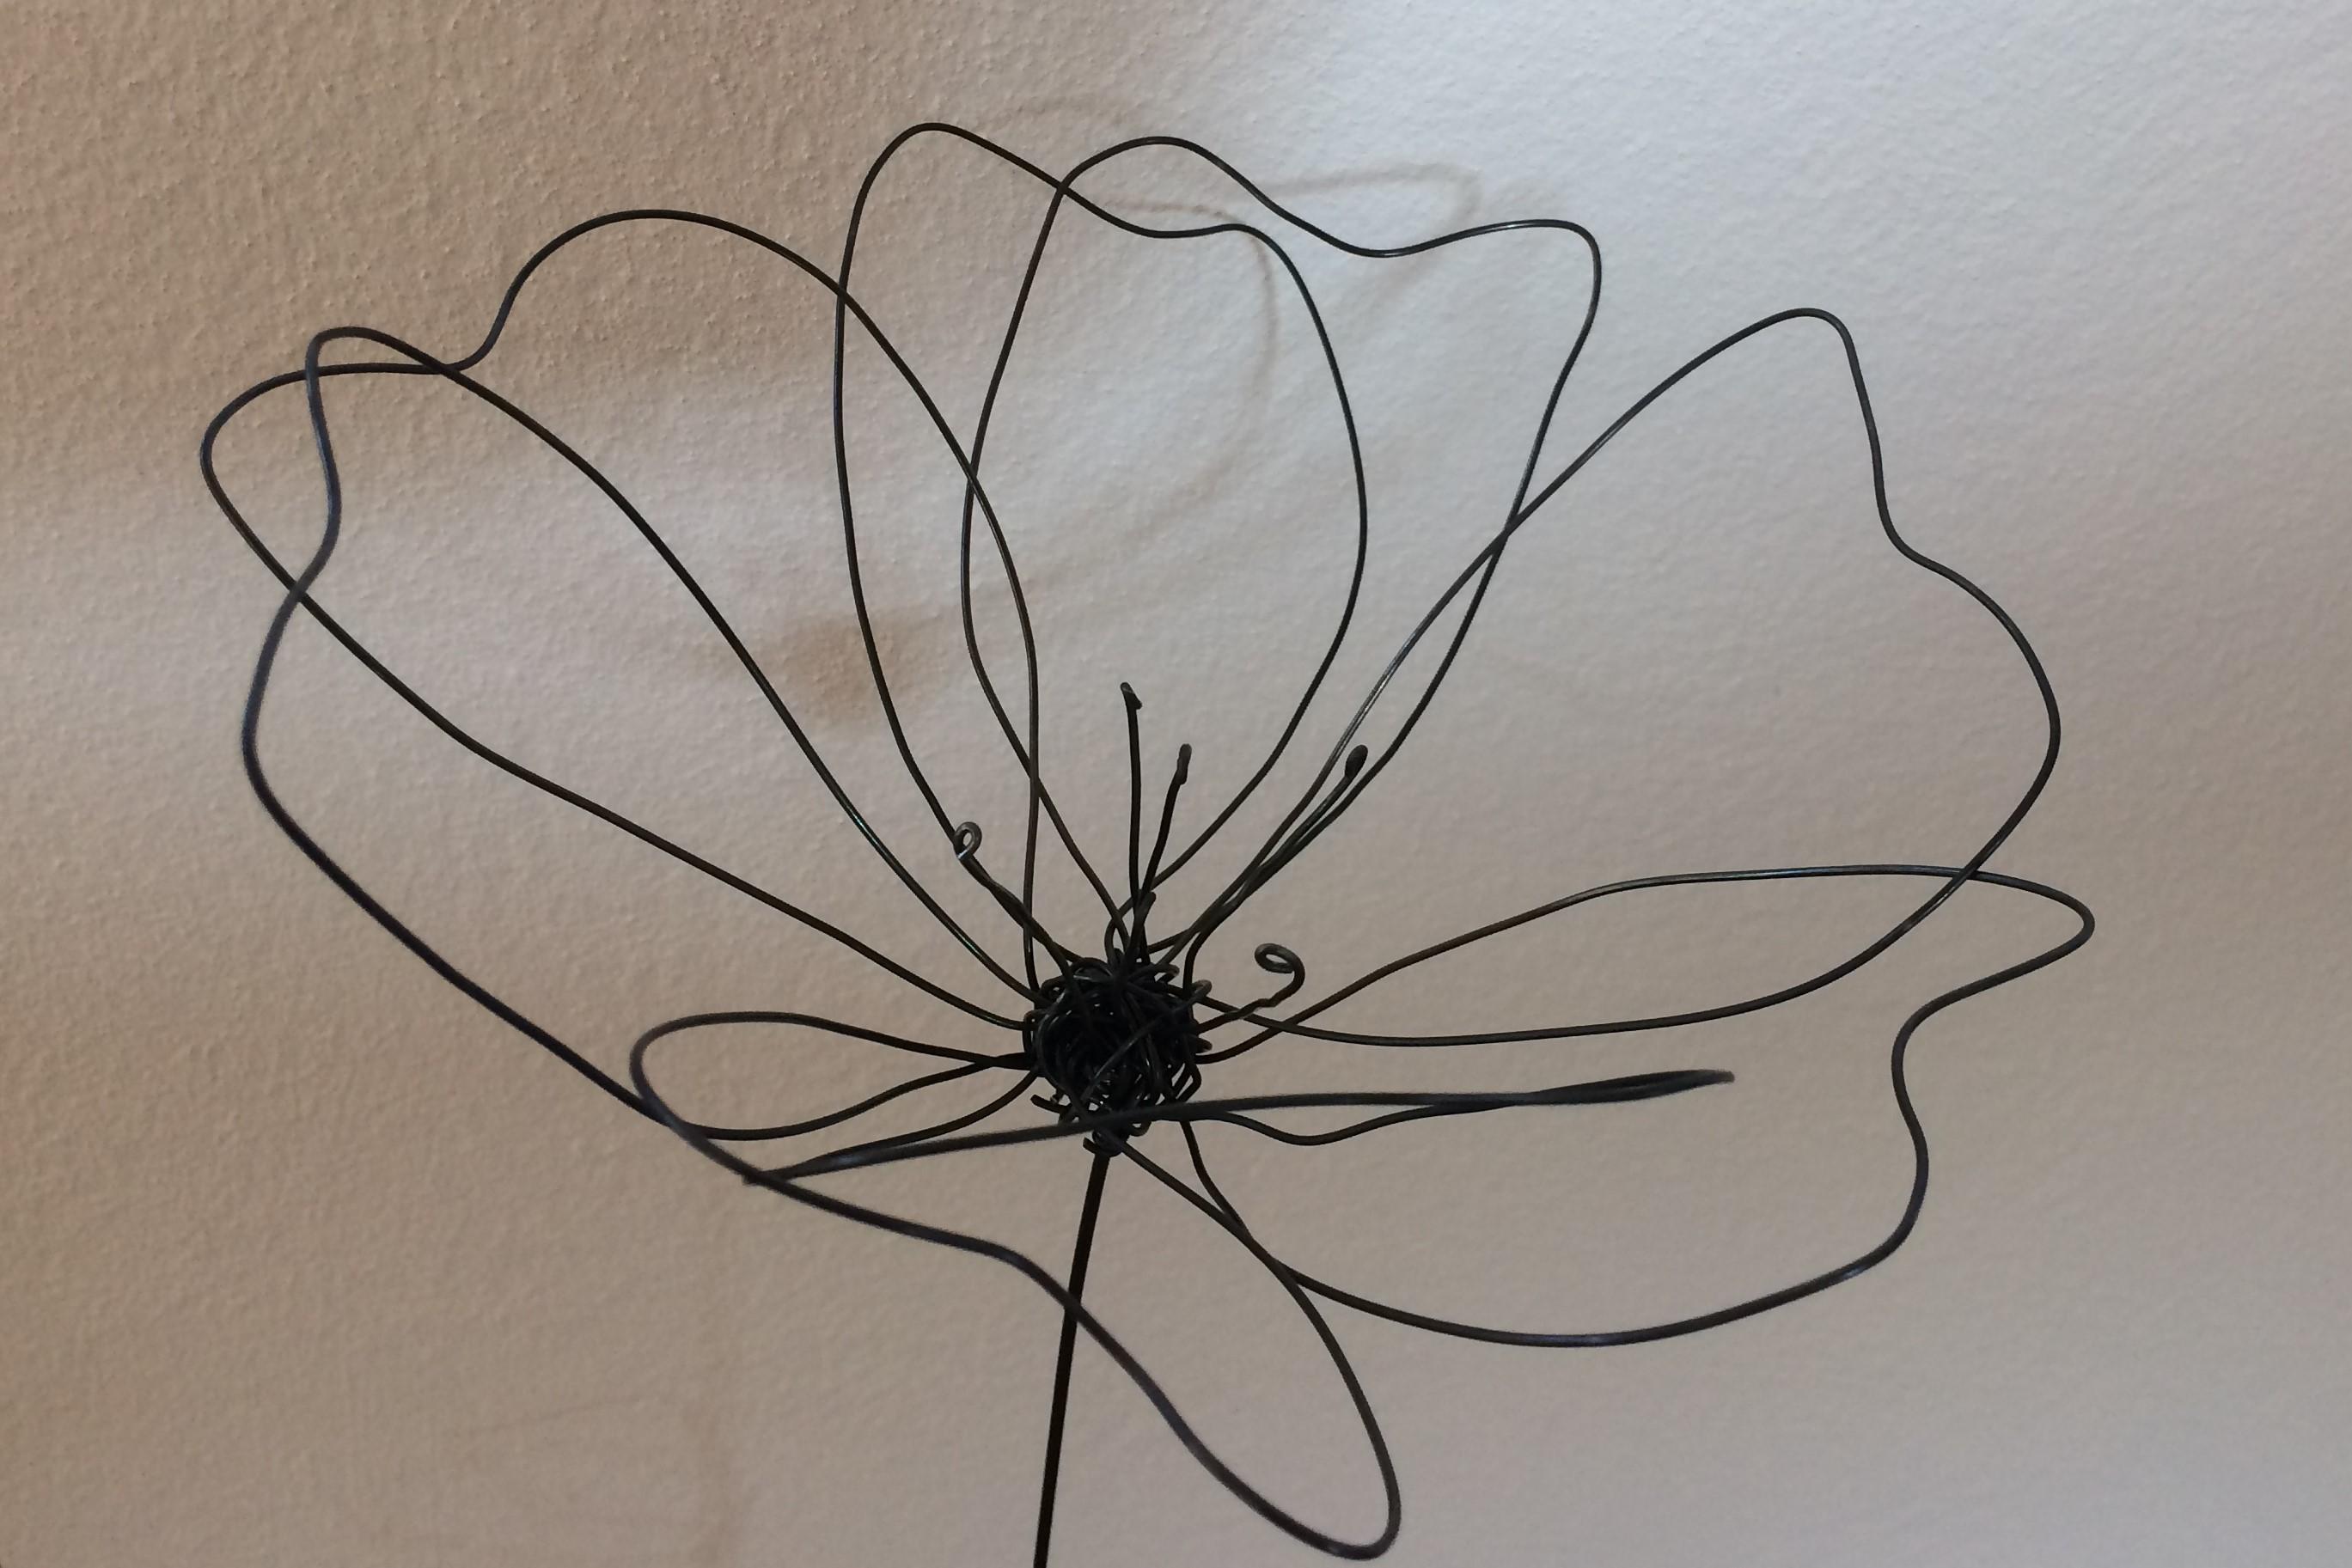 c line atelier floral cr ation fil de fer. Black Bedroom Furniture Sets. Home Design Ideas